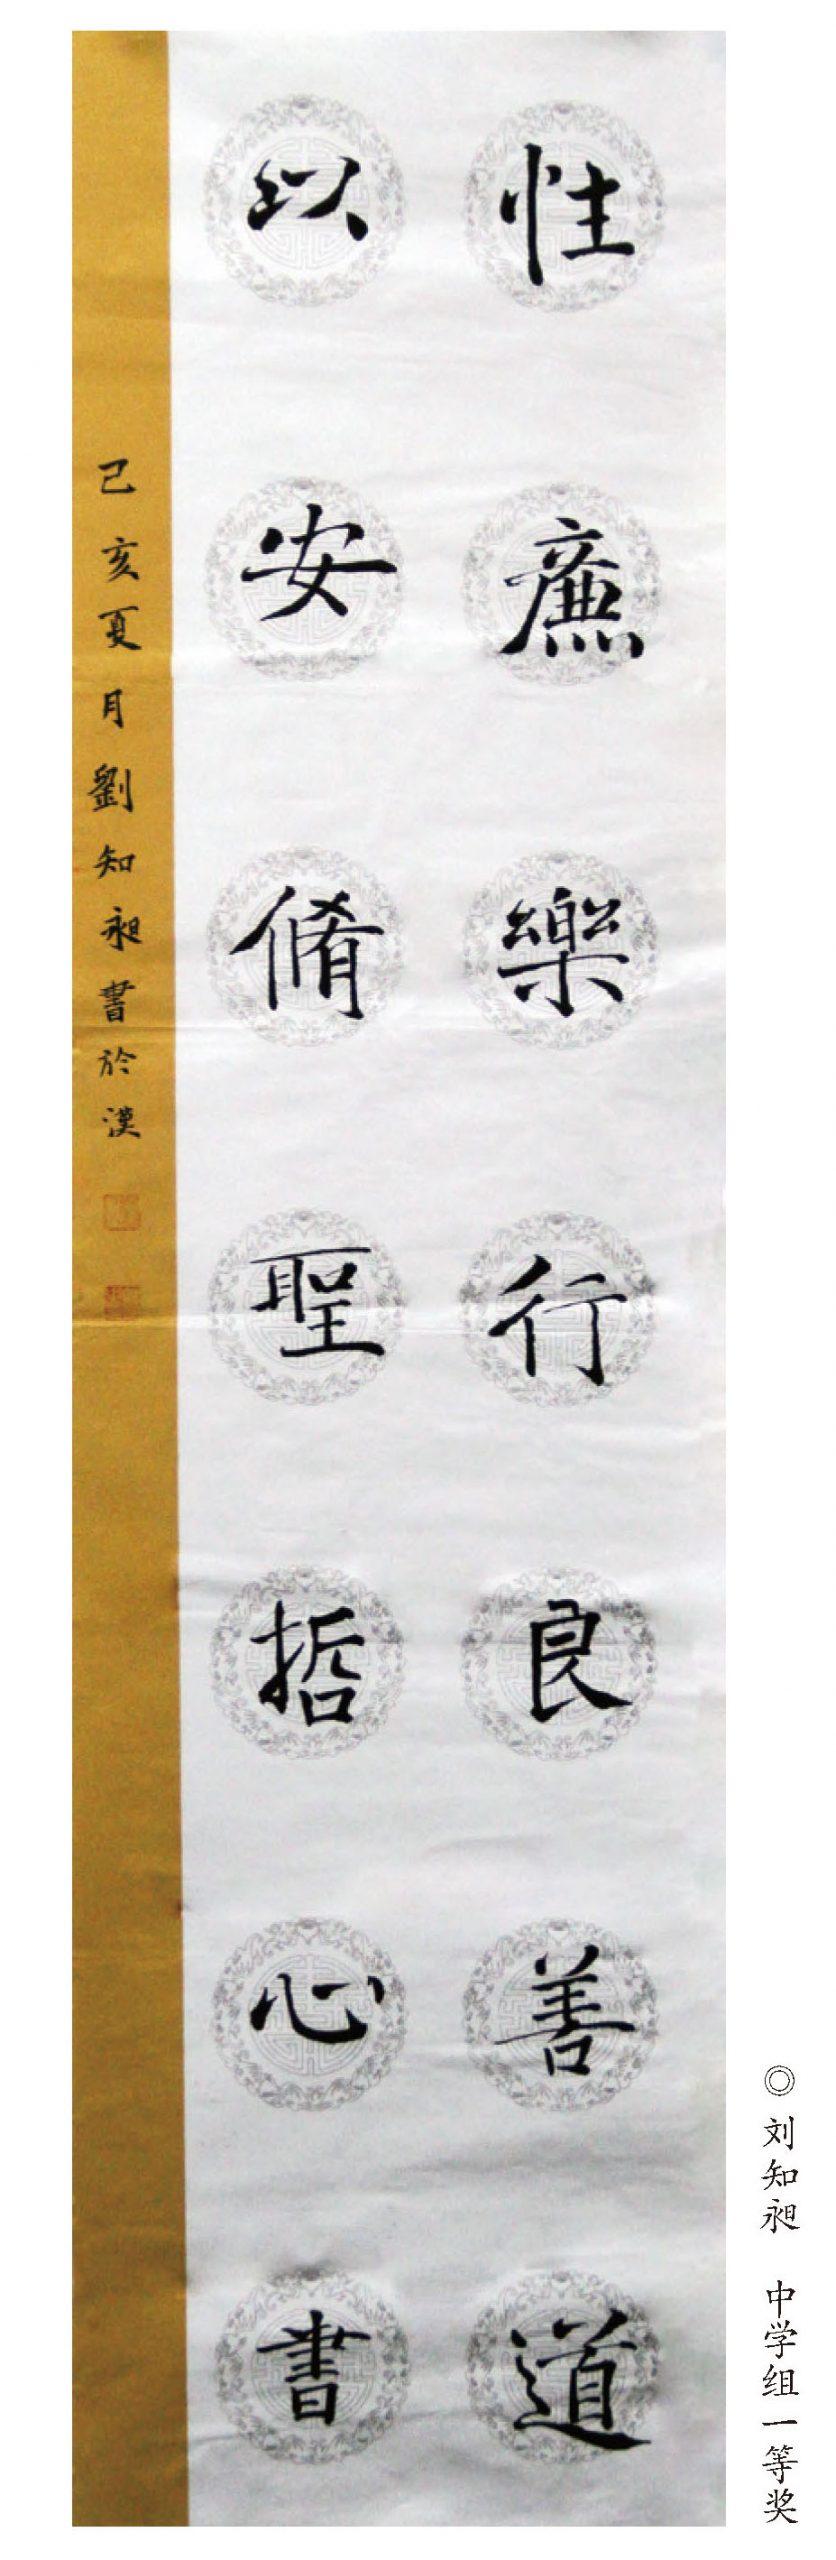 刘知昶 中学组软笔一等奖